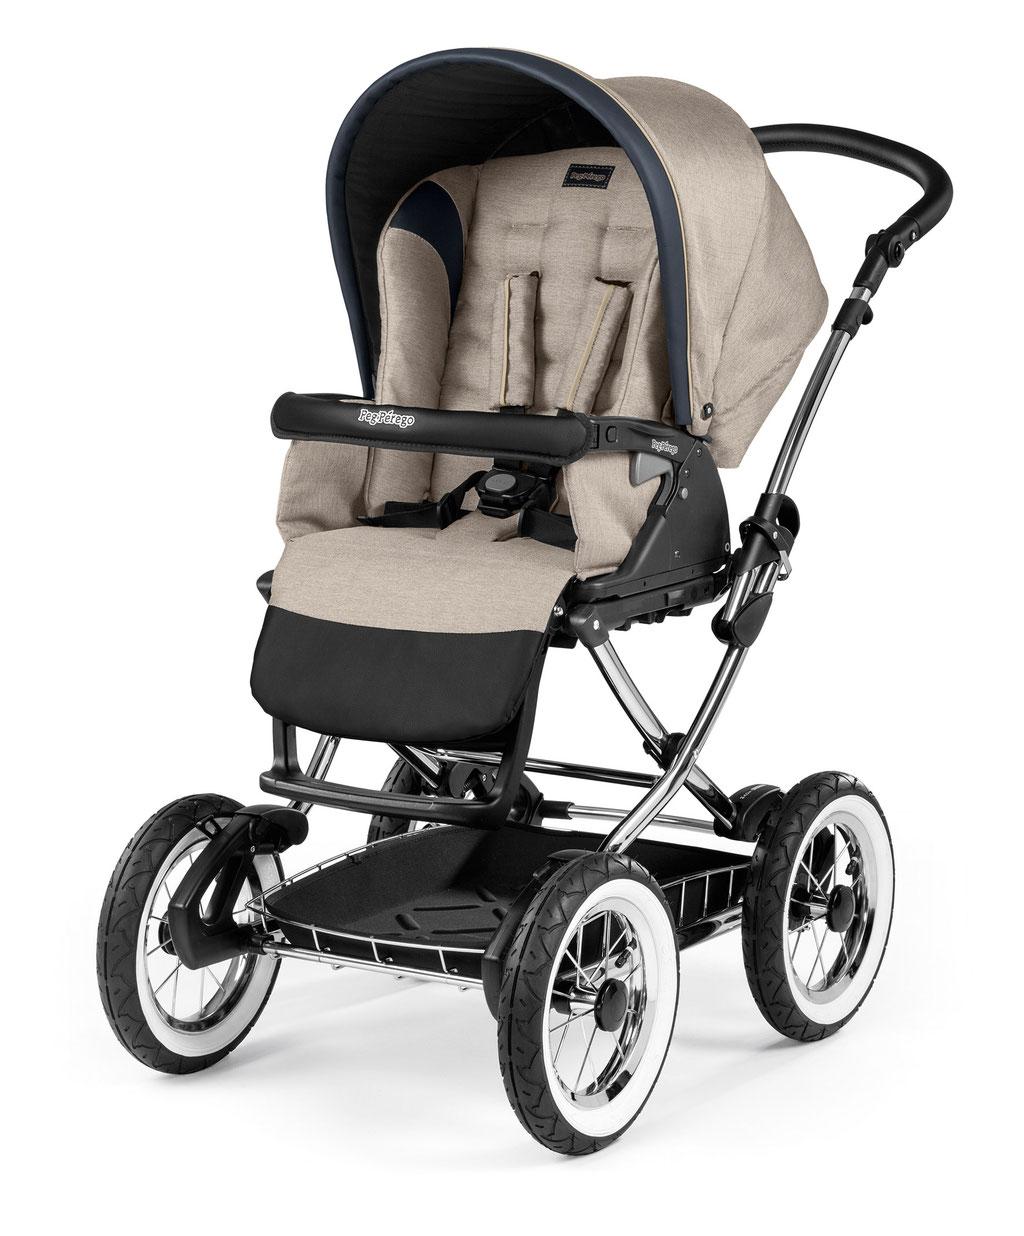 Kinderwagen Culla Elite sportwagensitz vorwärts